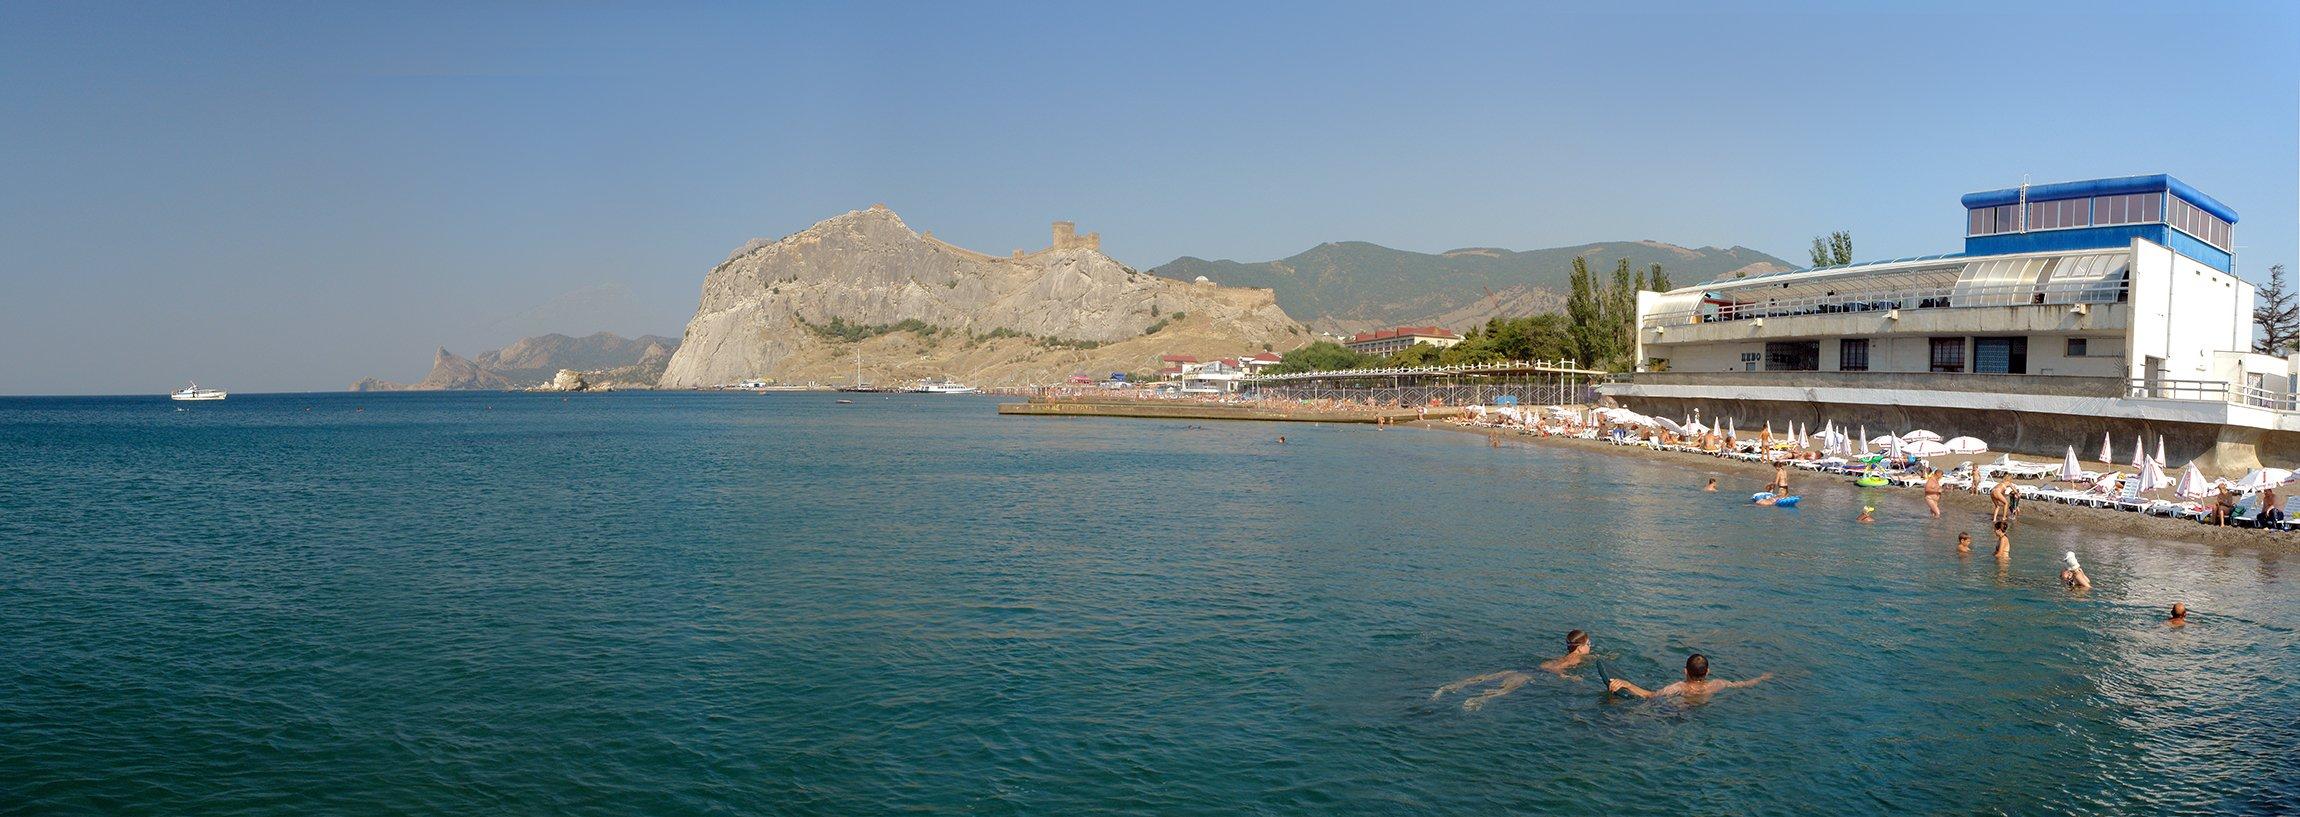 Городской пляж судак фото